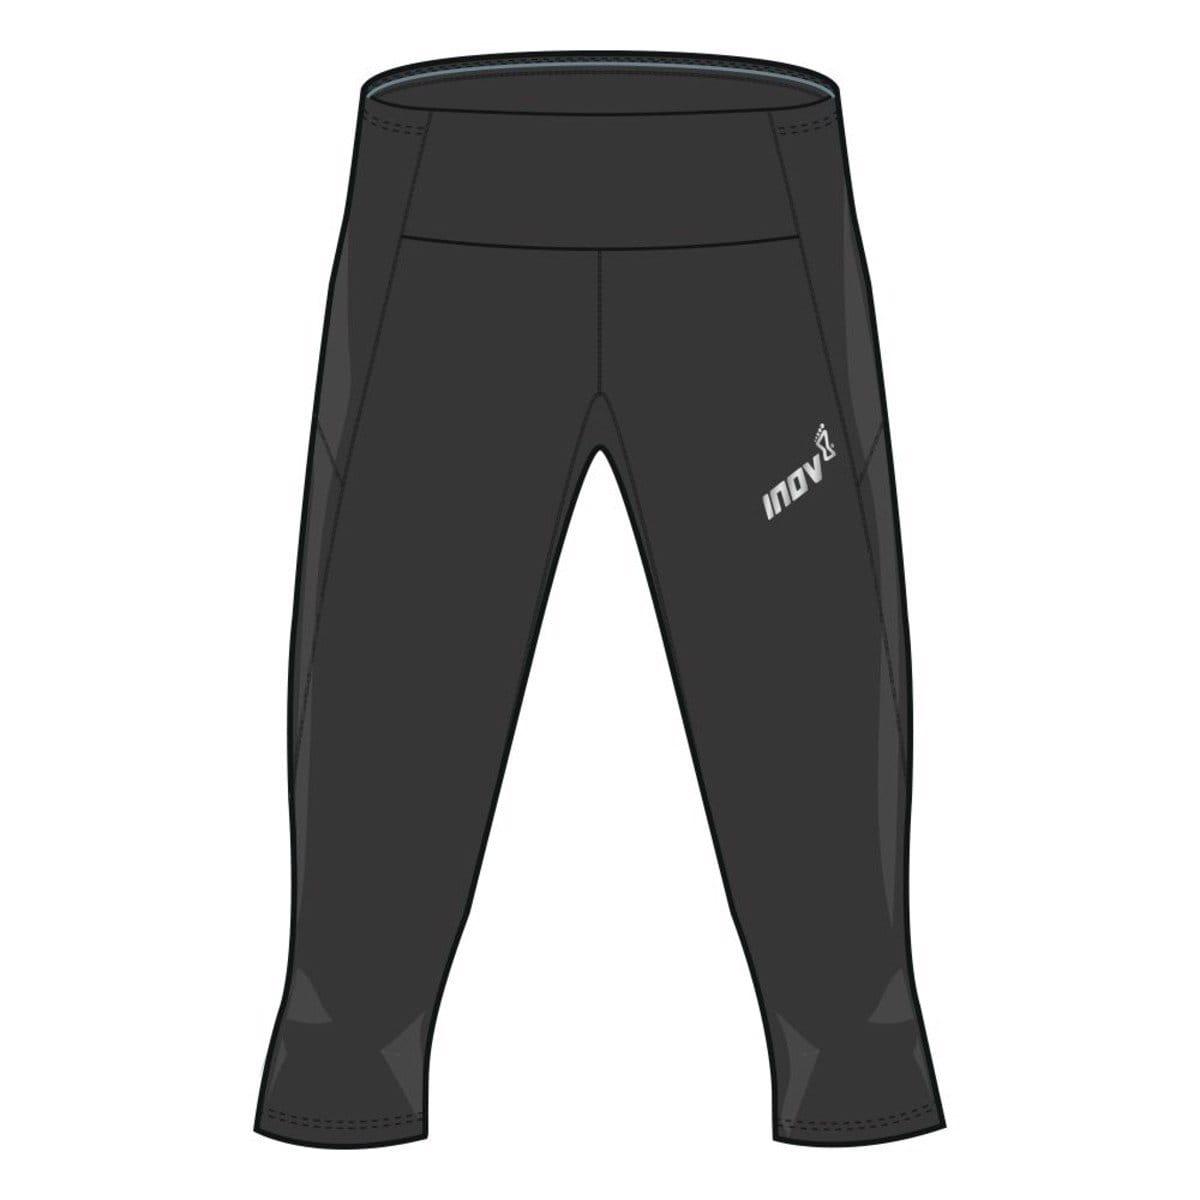 Kalhoty Inov-8  RACE ELITE 3/4 TIGHT W black černá